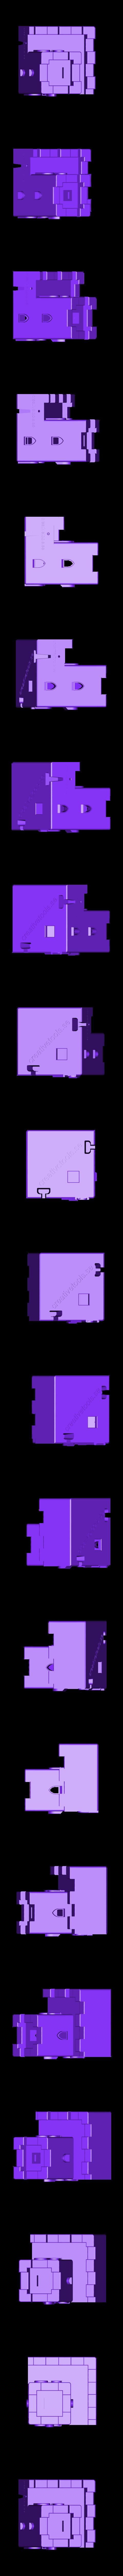 Tower_Wall_Corner_Hollow_(Modular Castle Playset - 3D-printable)_By_CreativeTools.se.stl Télécharger fichier STL gratuit Plateau modulaire de château (imprimable en 3D) • Modèle à imprimer en 3D, CreativeTools